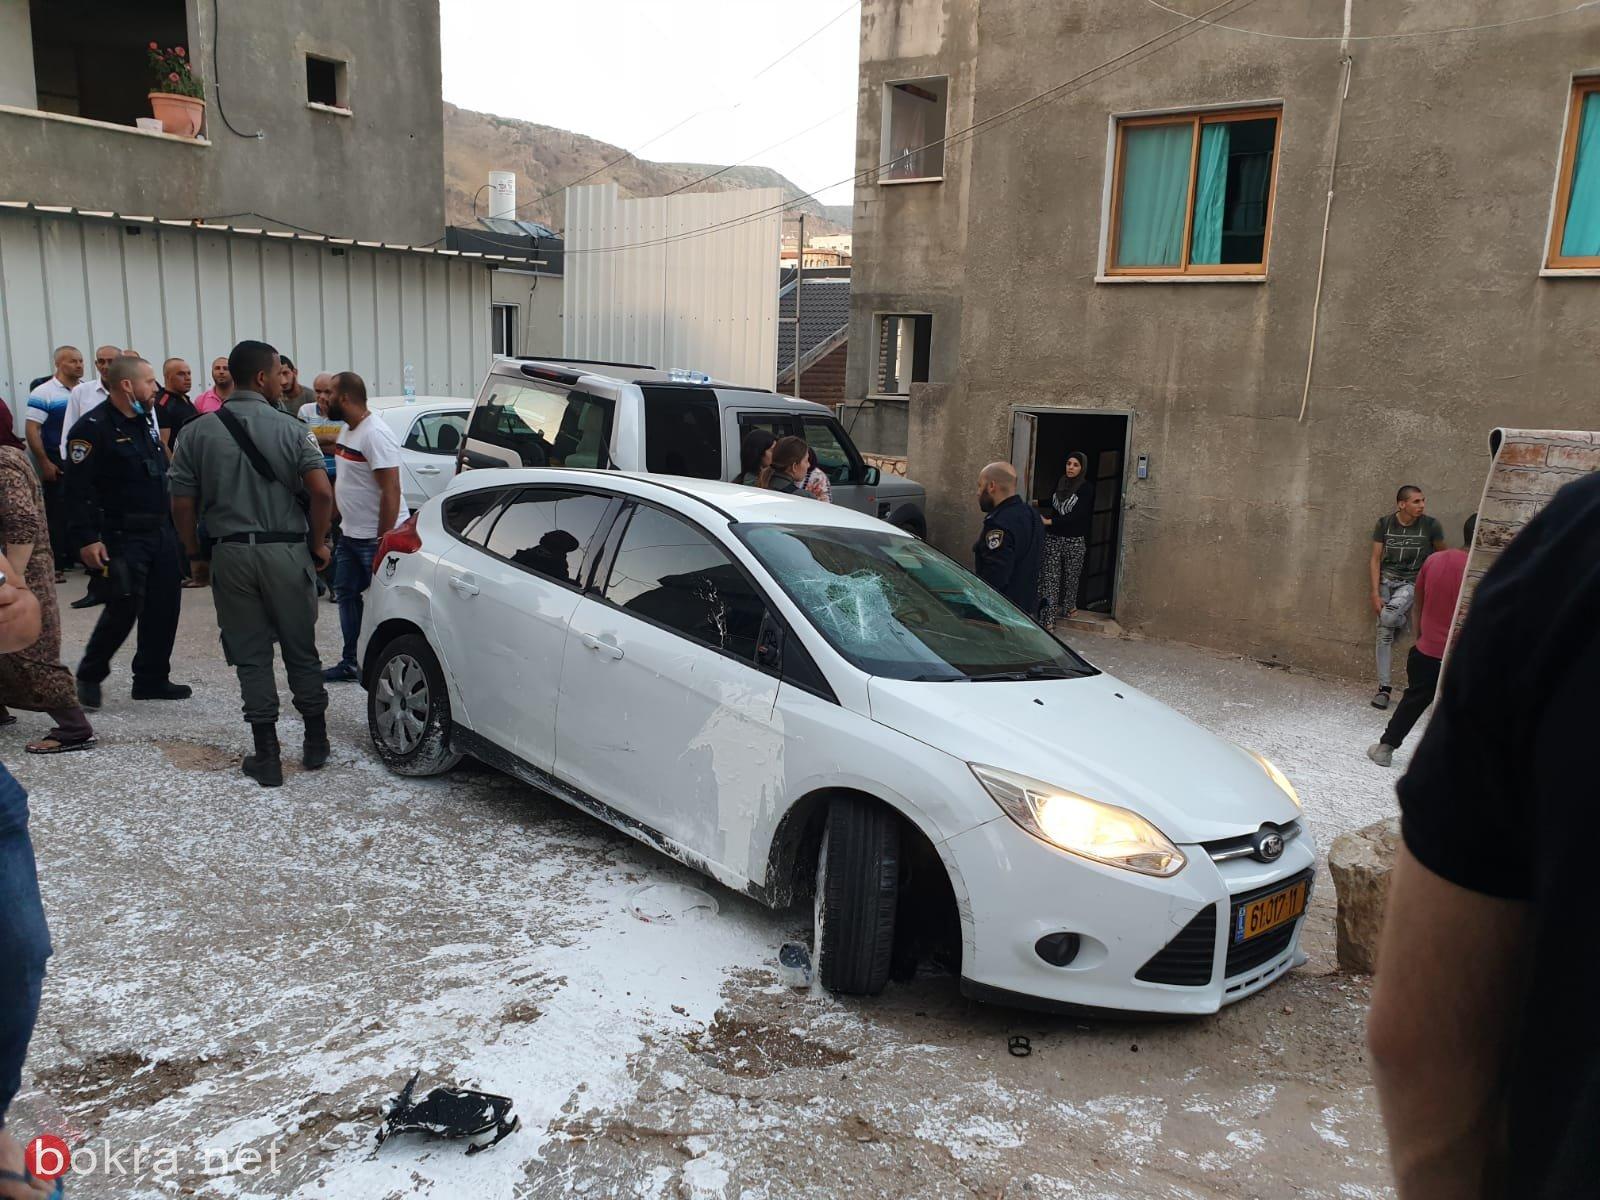 البعنة: إصابة اثر تعرض لاطلاق نار وأخرى جراء سقوط من علو